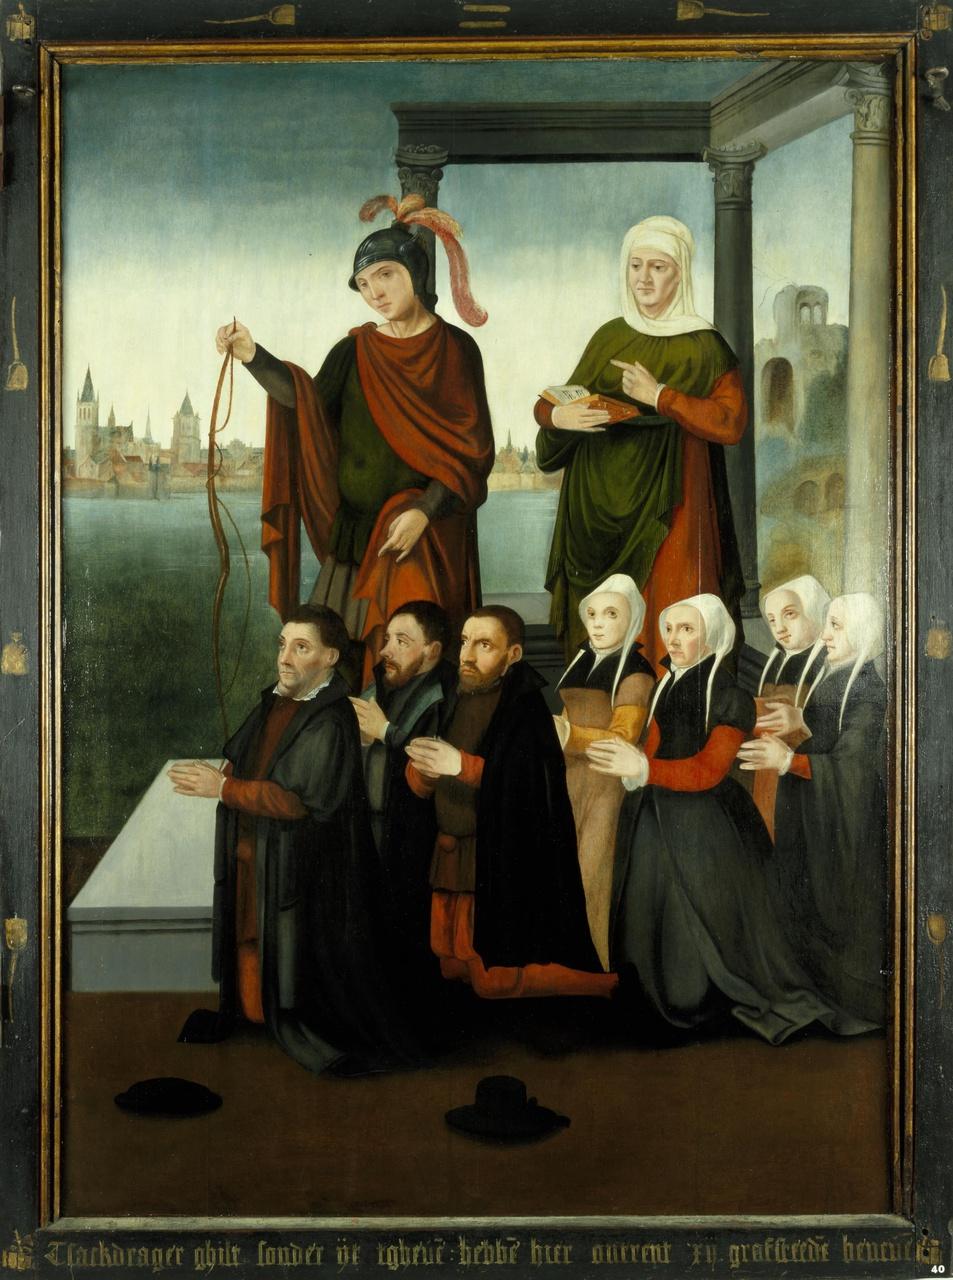 Rechterluik van het drieluik van de schuitenvoerders in de Jacobikerk te Utrecht, met stichtersfiguren en heiligen